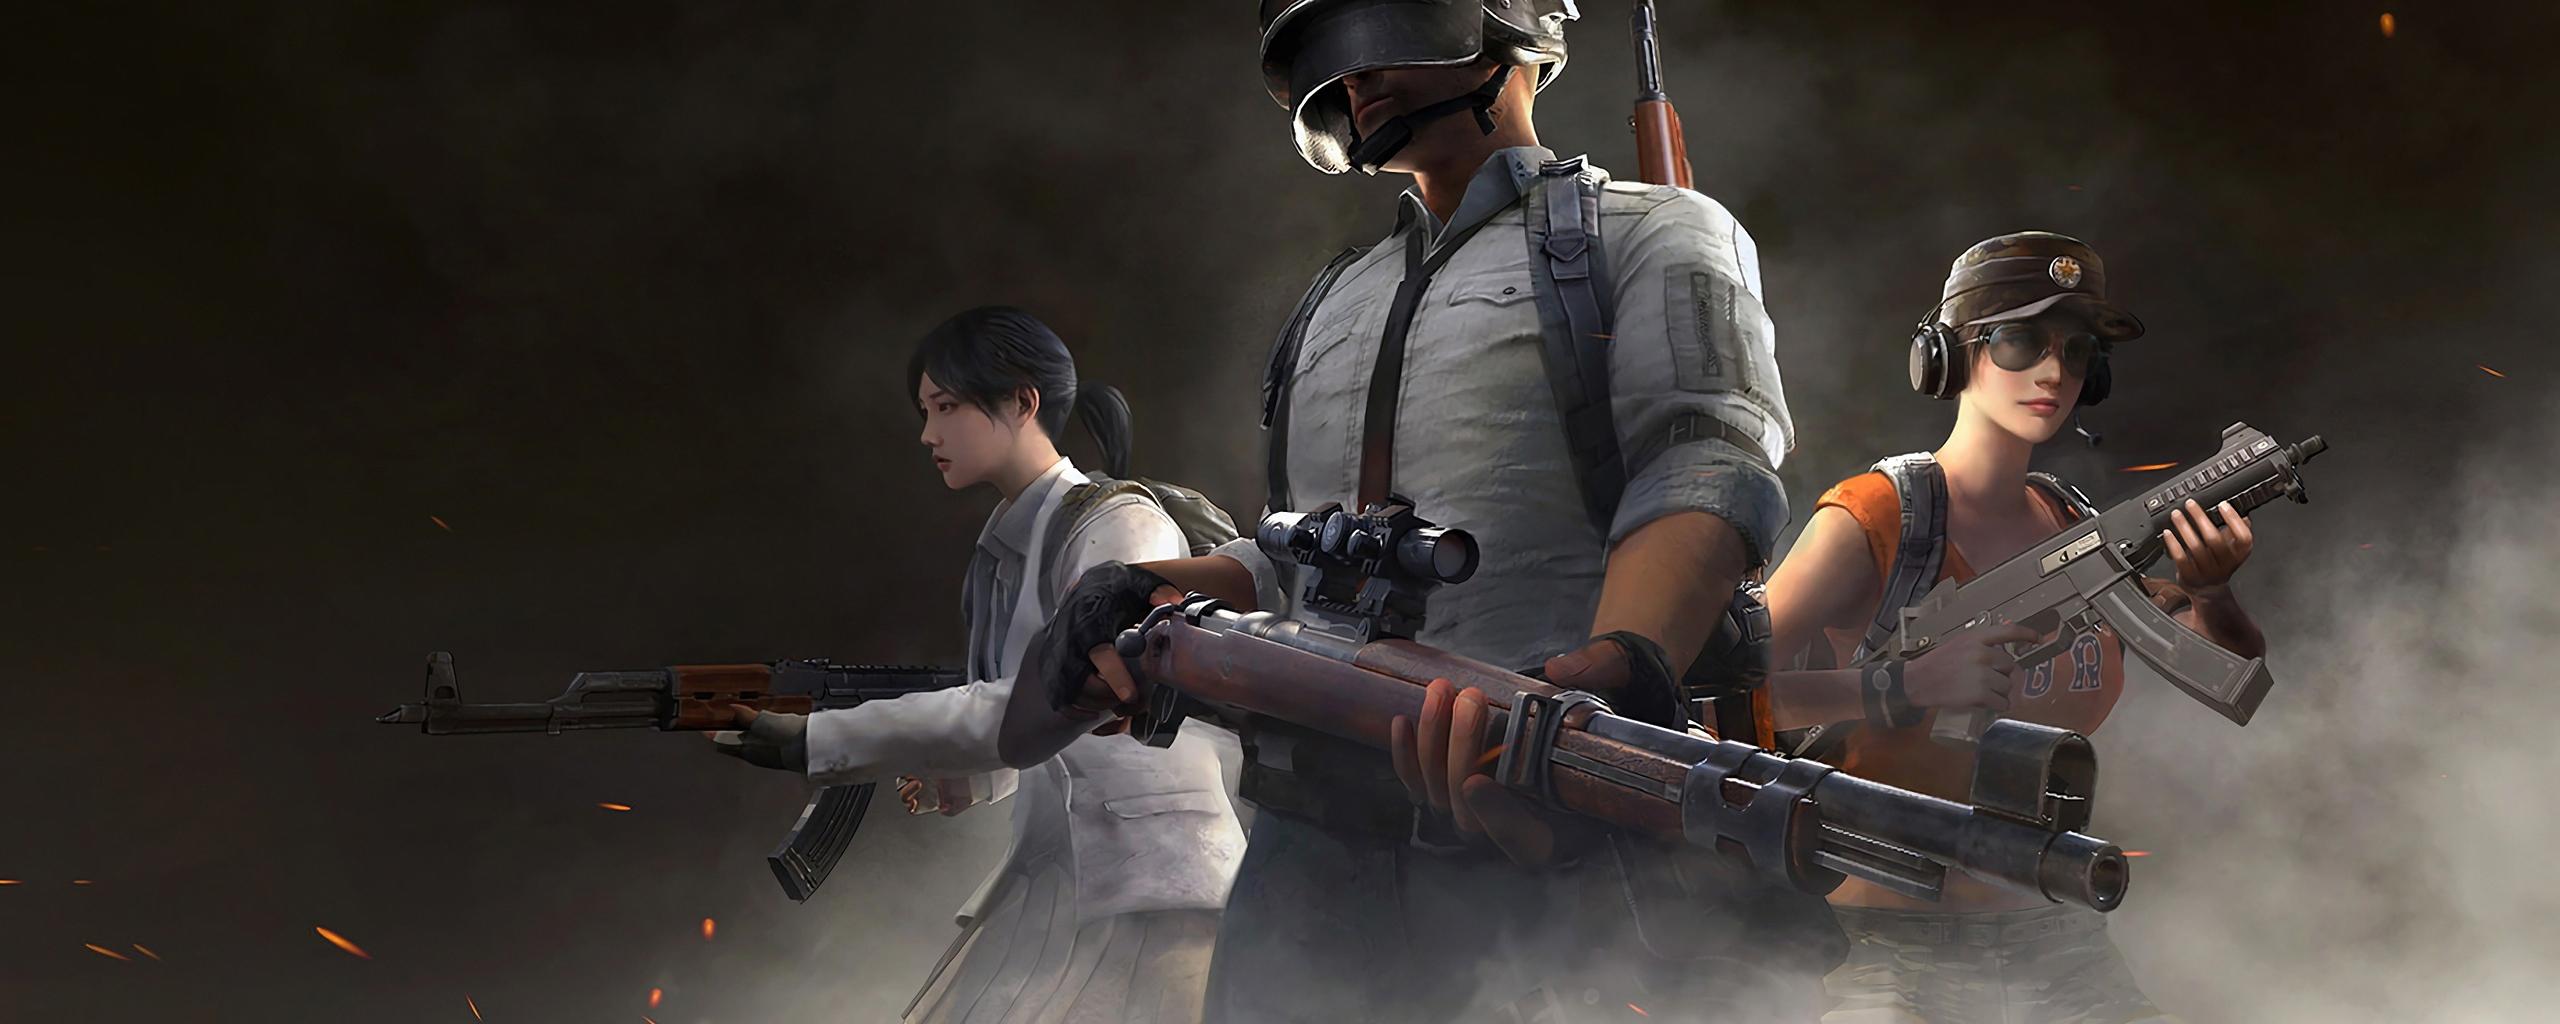 playerunknowns-battlegrounds-weapon-and-war-4k-a1.jpg